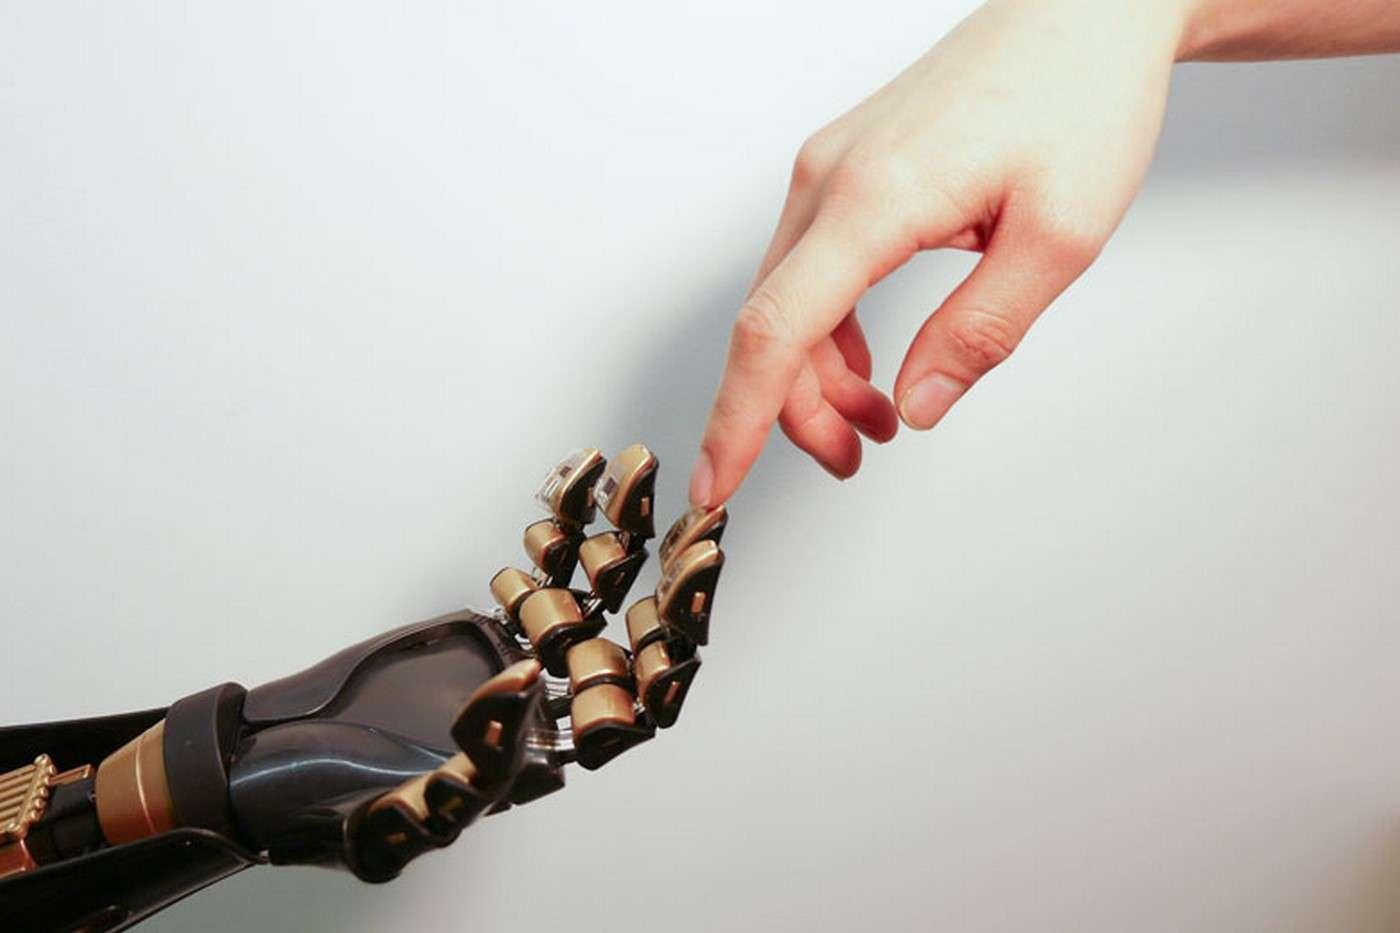 Une nouvelle prothèse qui donne des sensations bien réelles